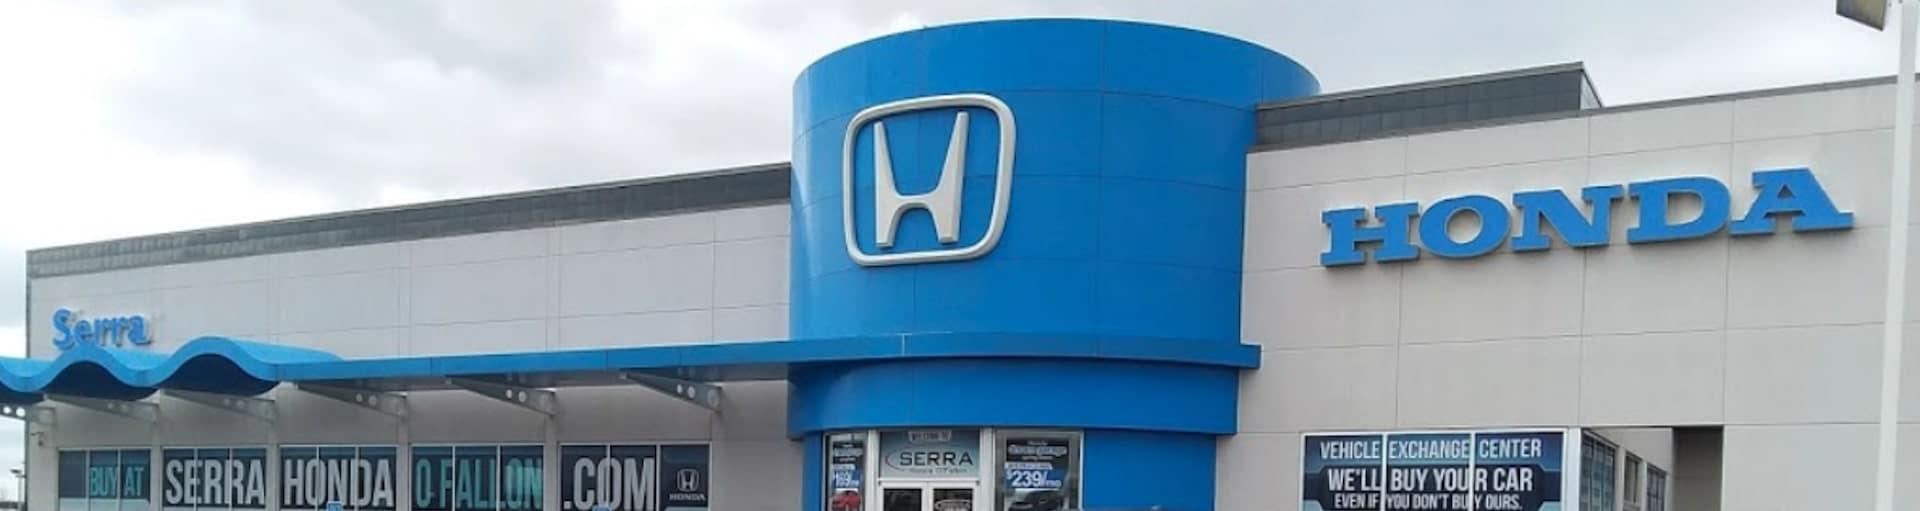 2021 Black Honda HR-V driving under a highway overpass_mobile